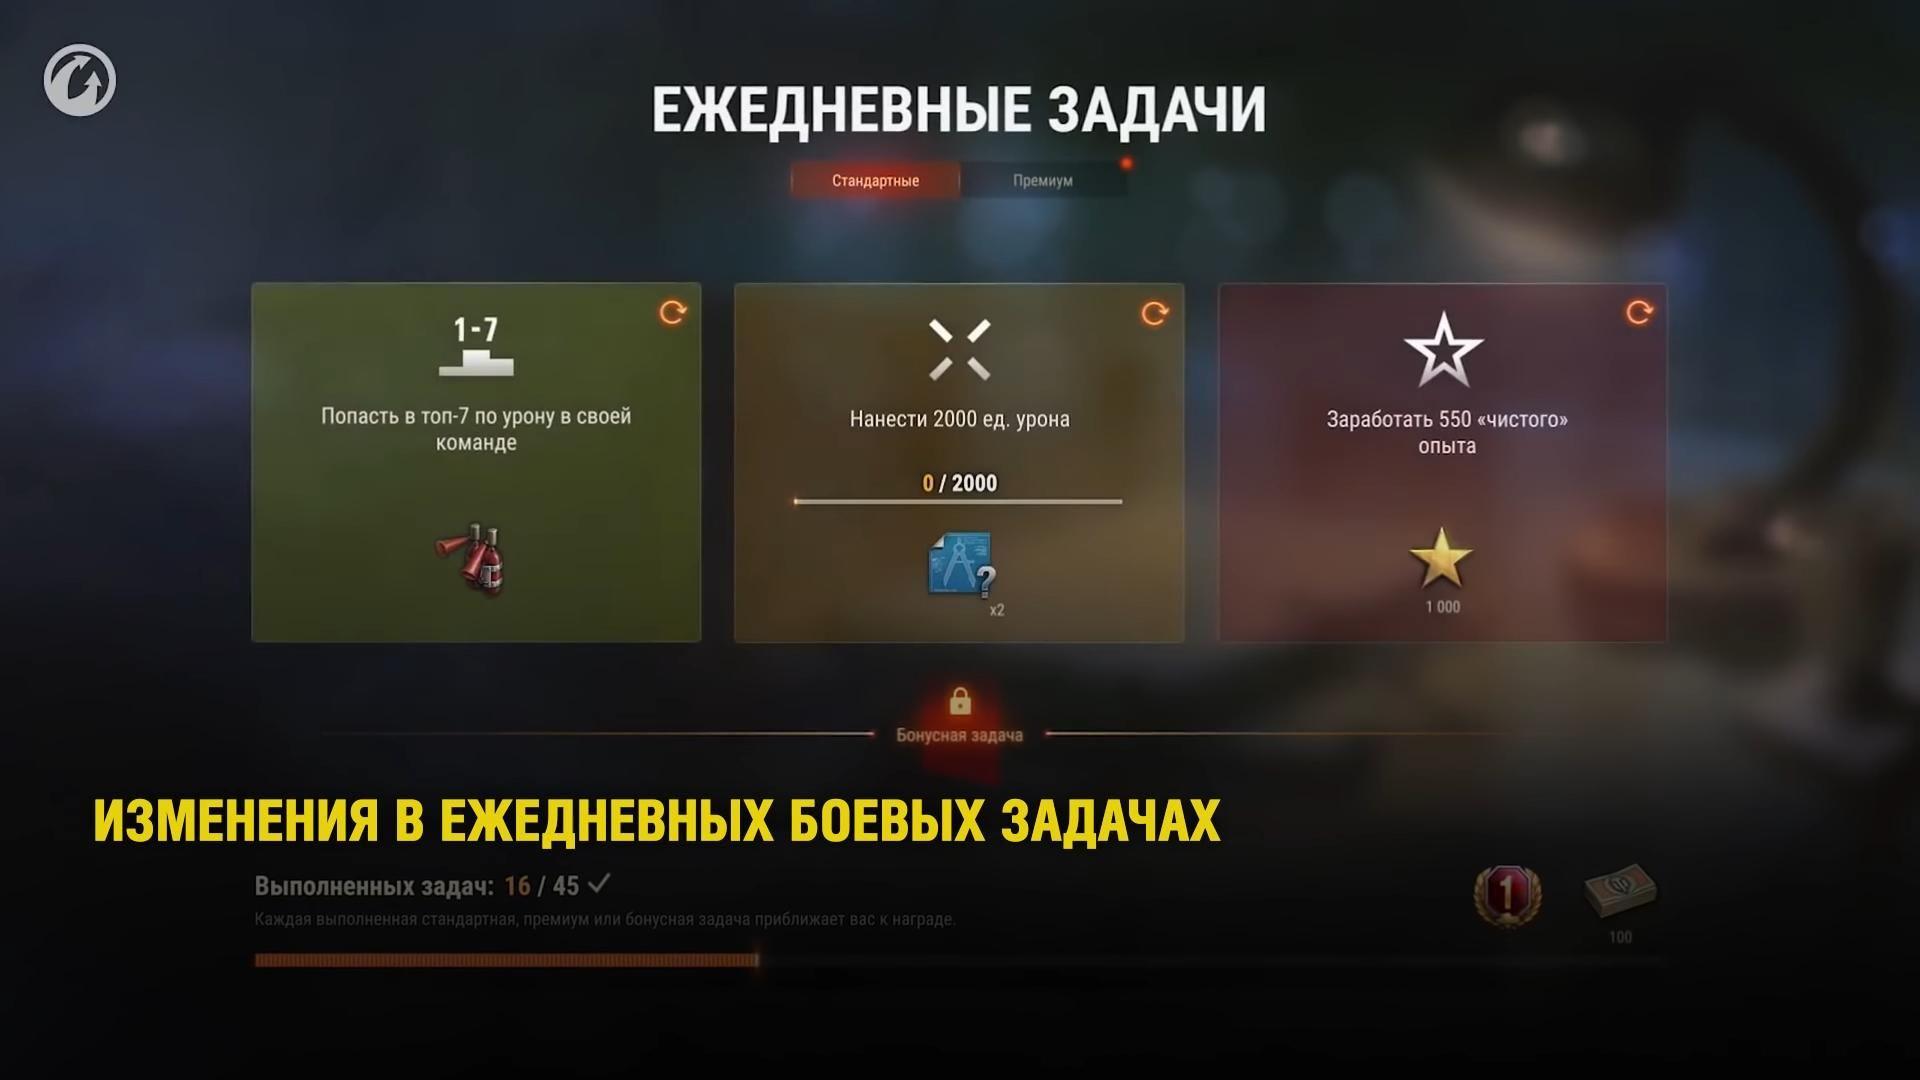 Изменения в ежедневных боевых задачах после выхода обновы 10.1.1.